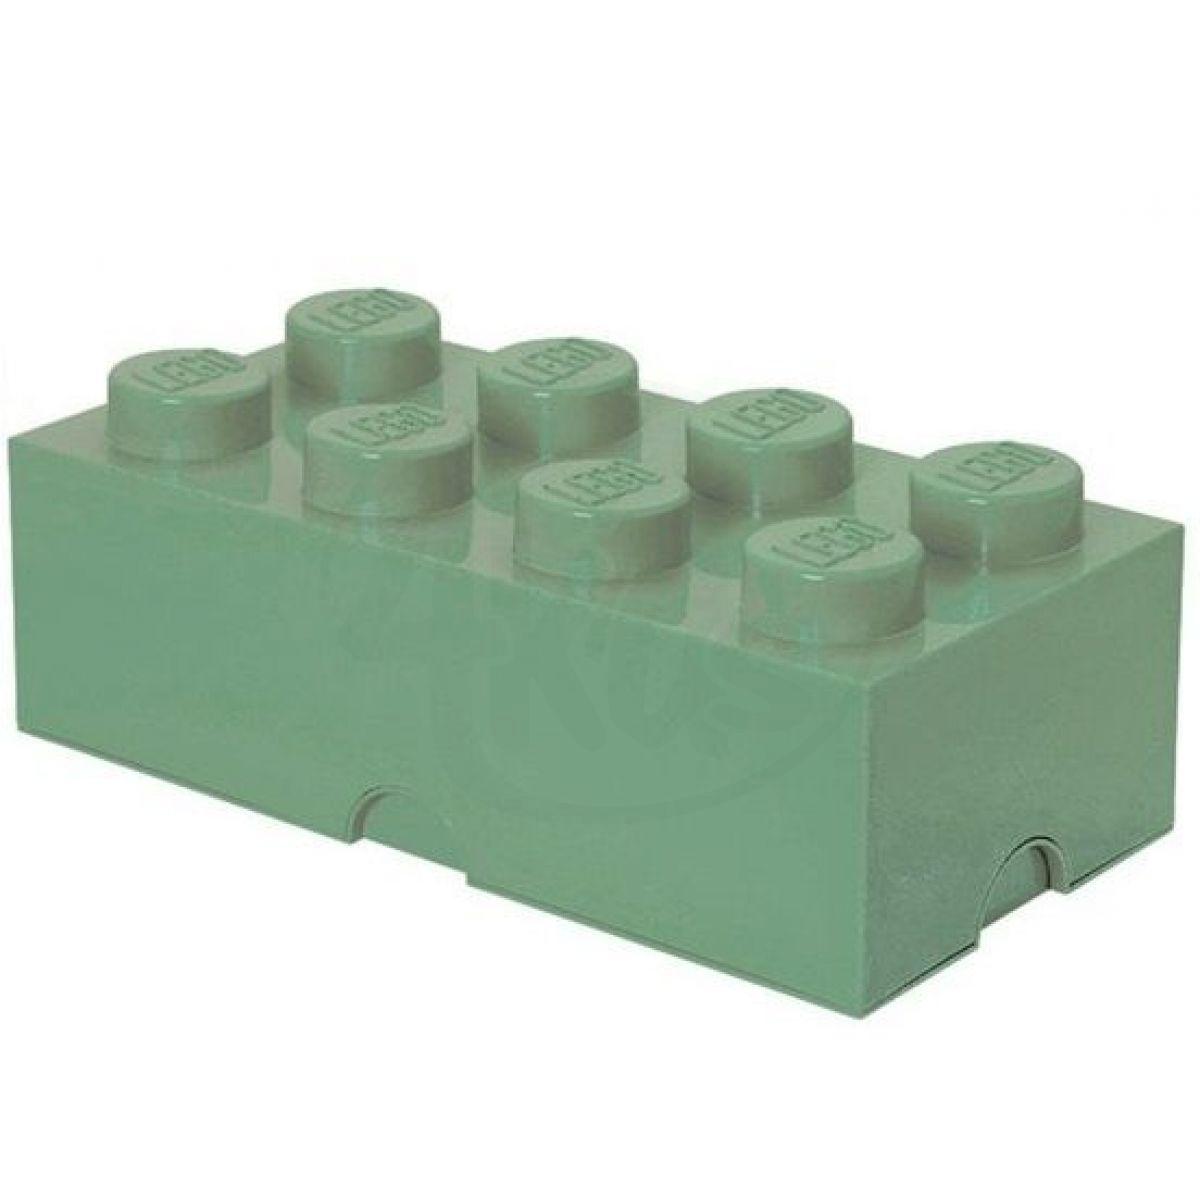 LEGO Úložný box 25 x 50 x 18 cm Army zelená